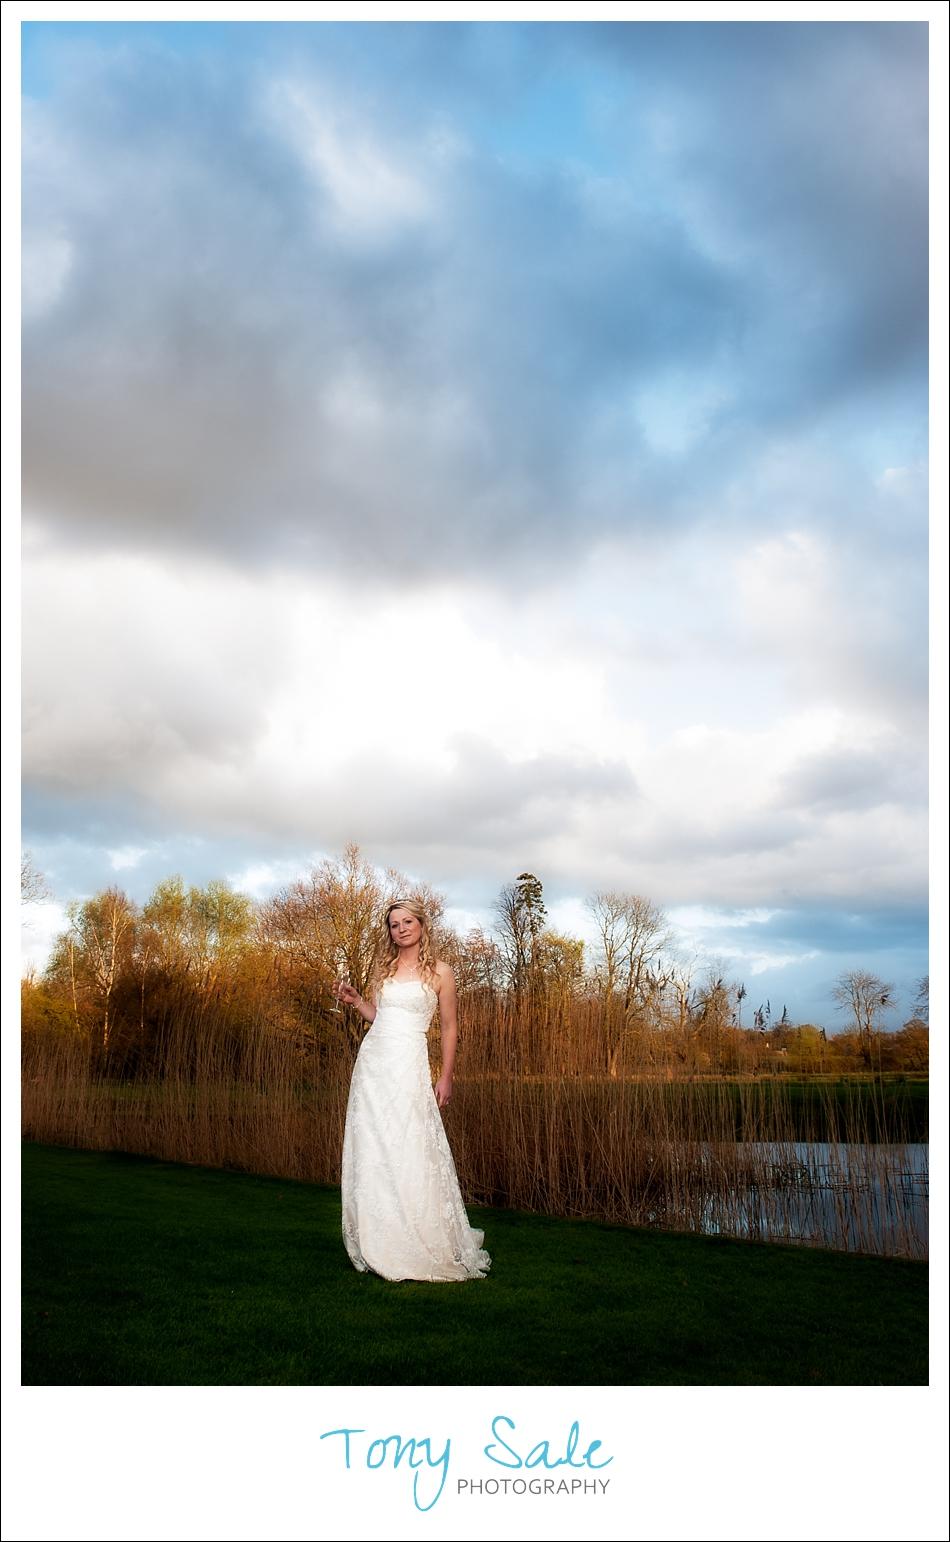 Stunning bride stunning sky!